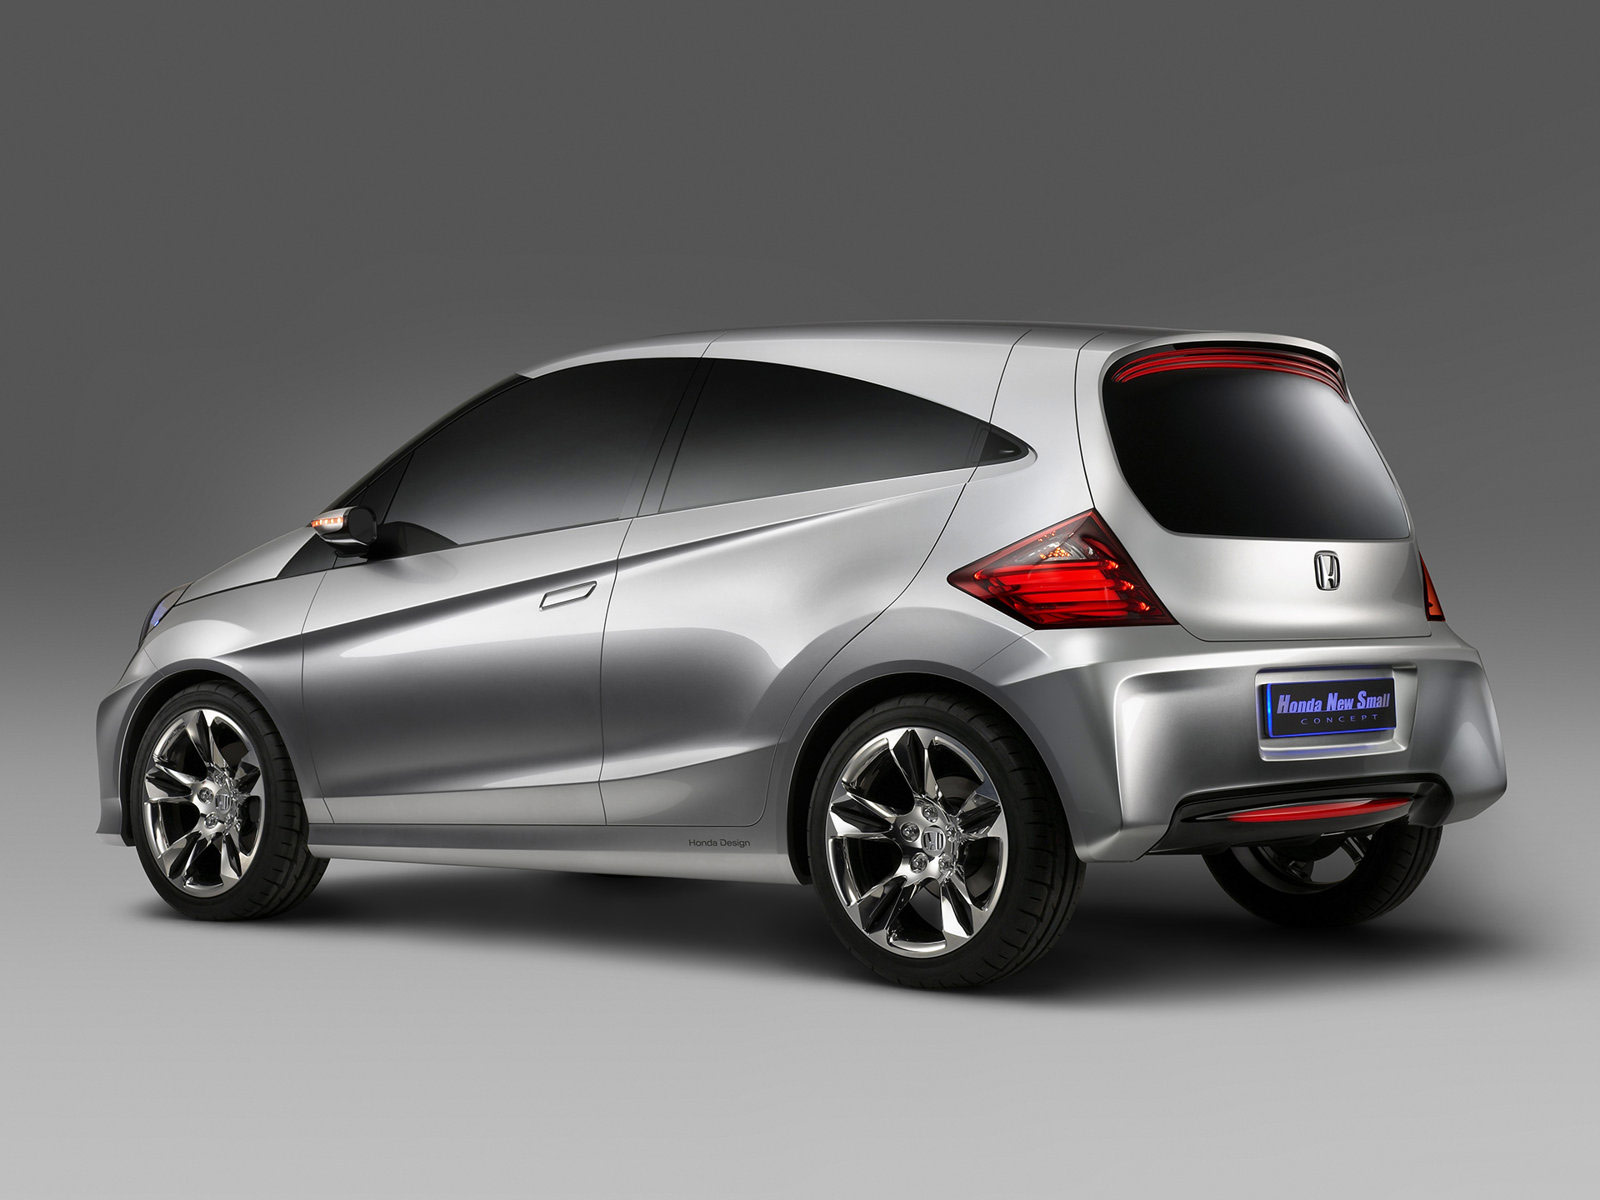 2010 HONDA New Small Concept Car Photos